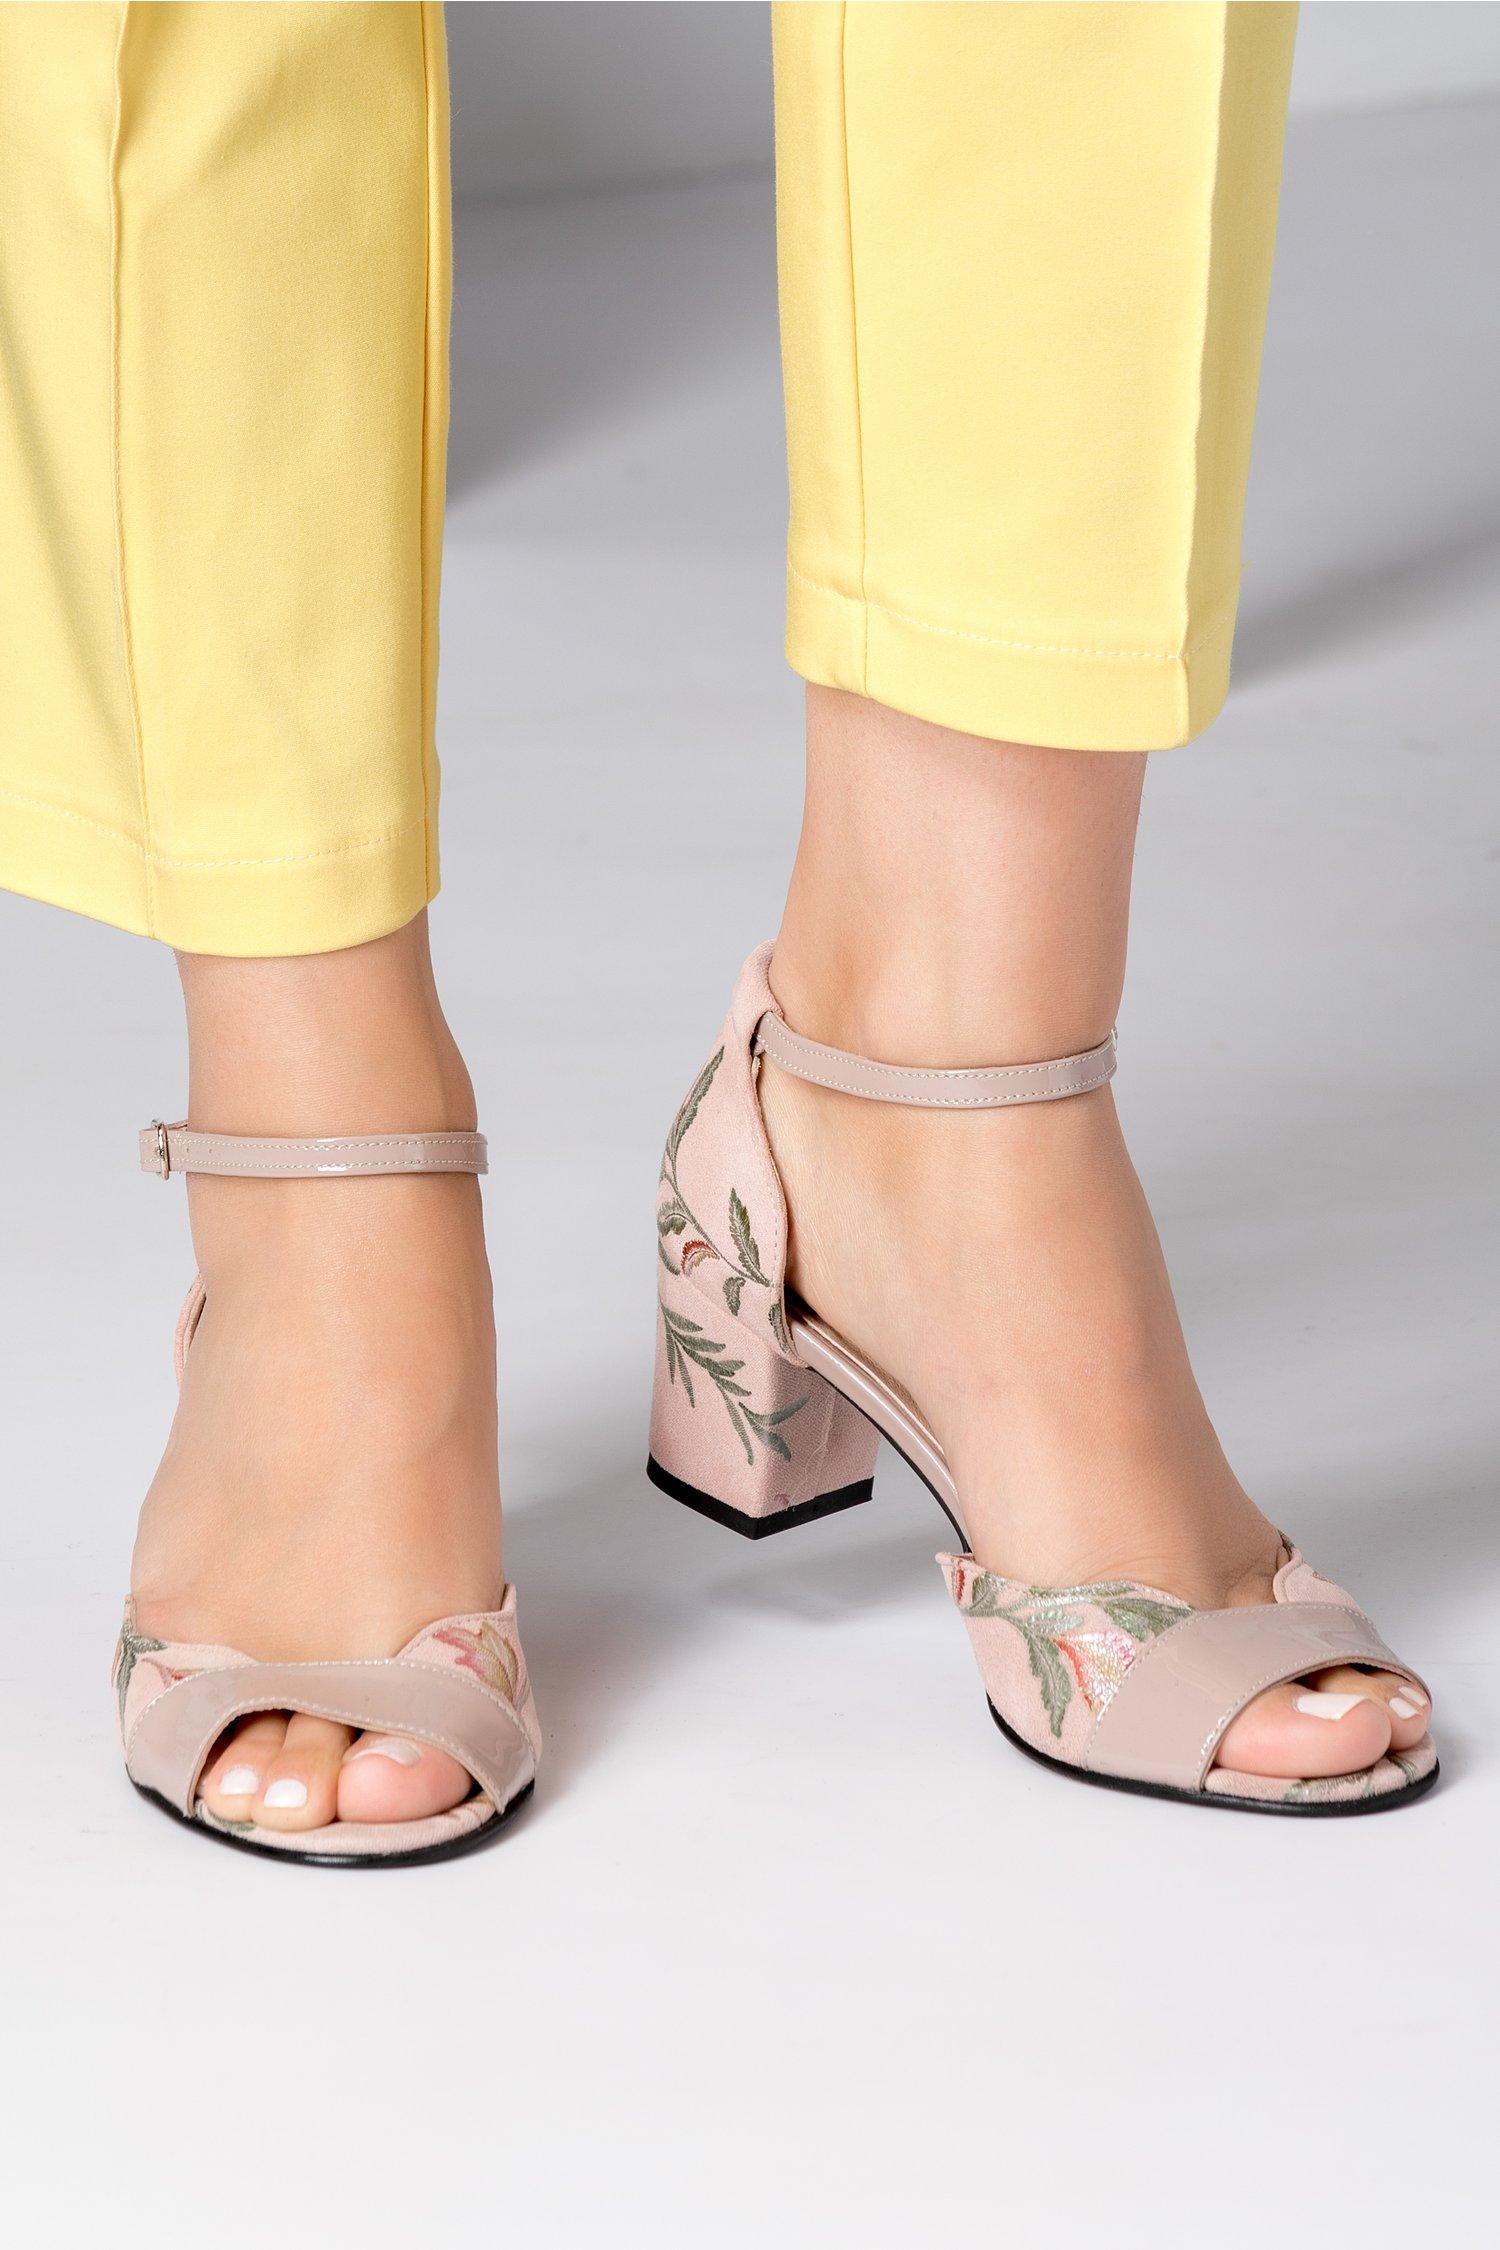 Sandale dama rose cu imprimeu si toc jos